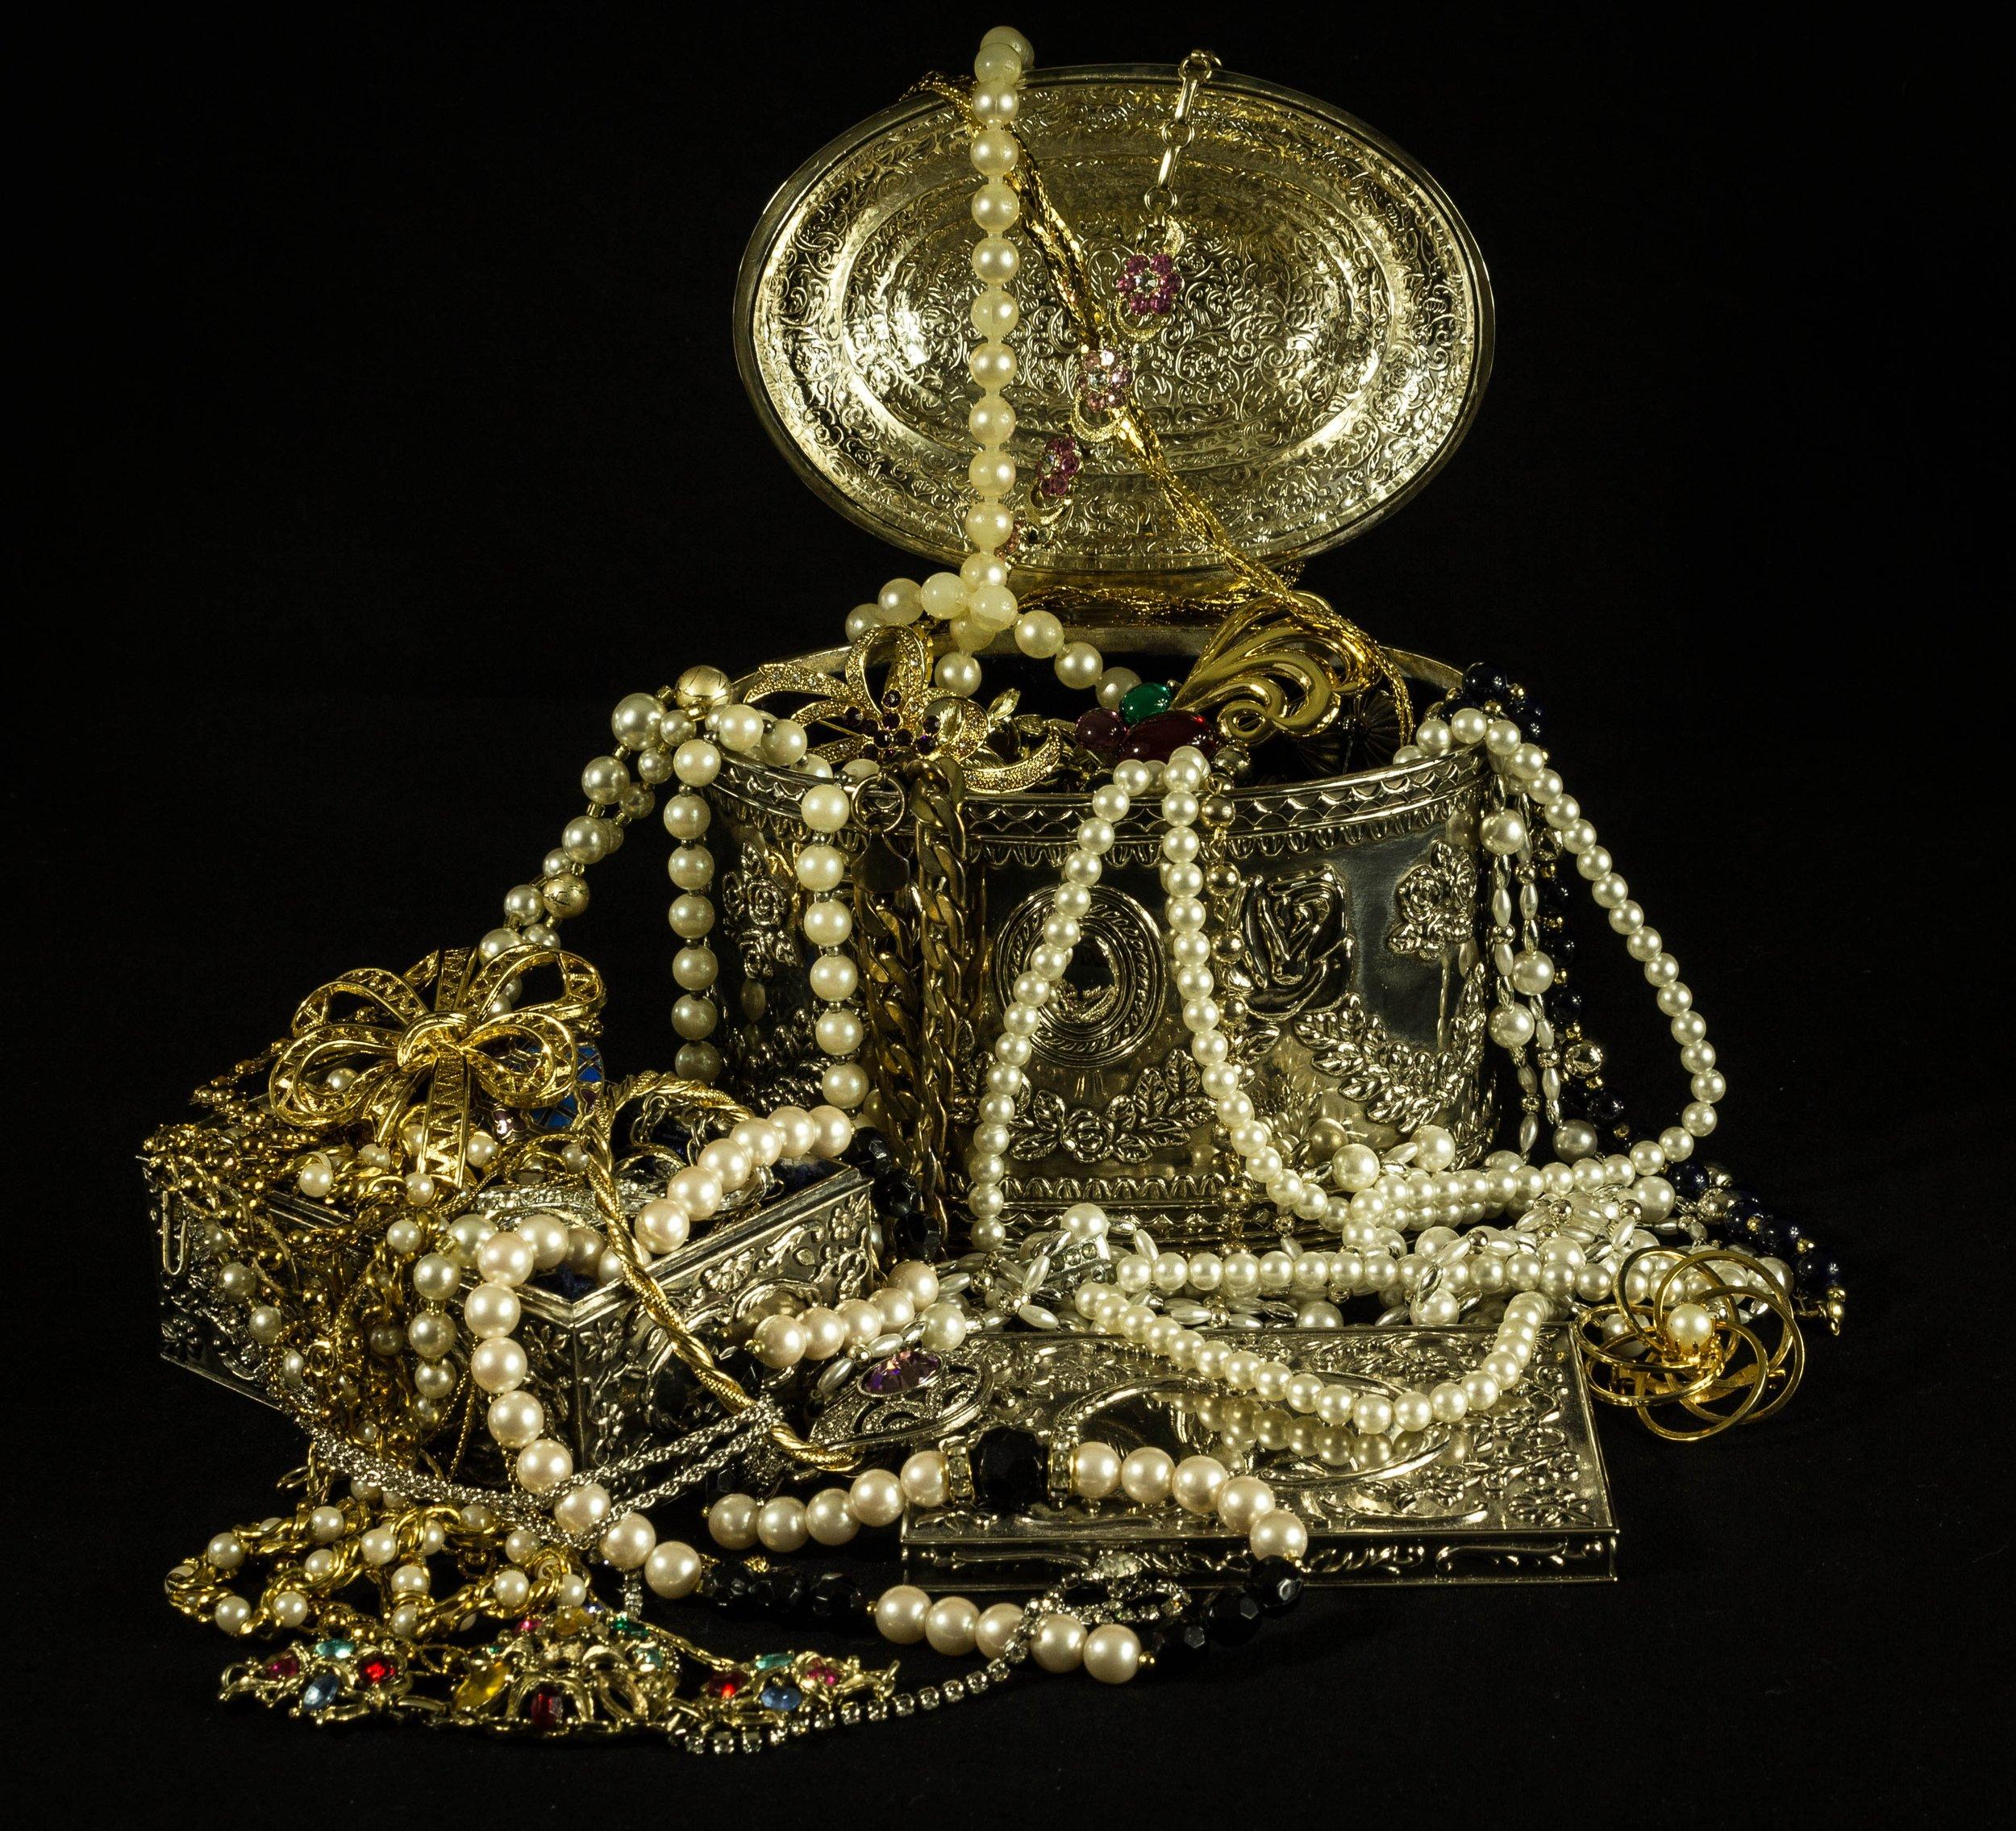 treasure-jewels-pearls-gold.jpeg